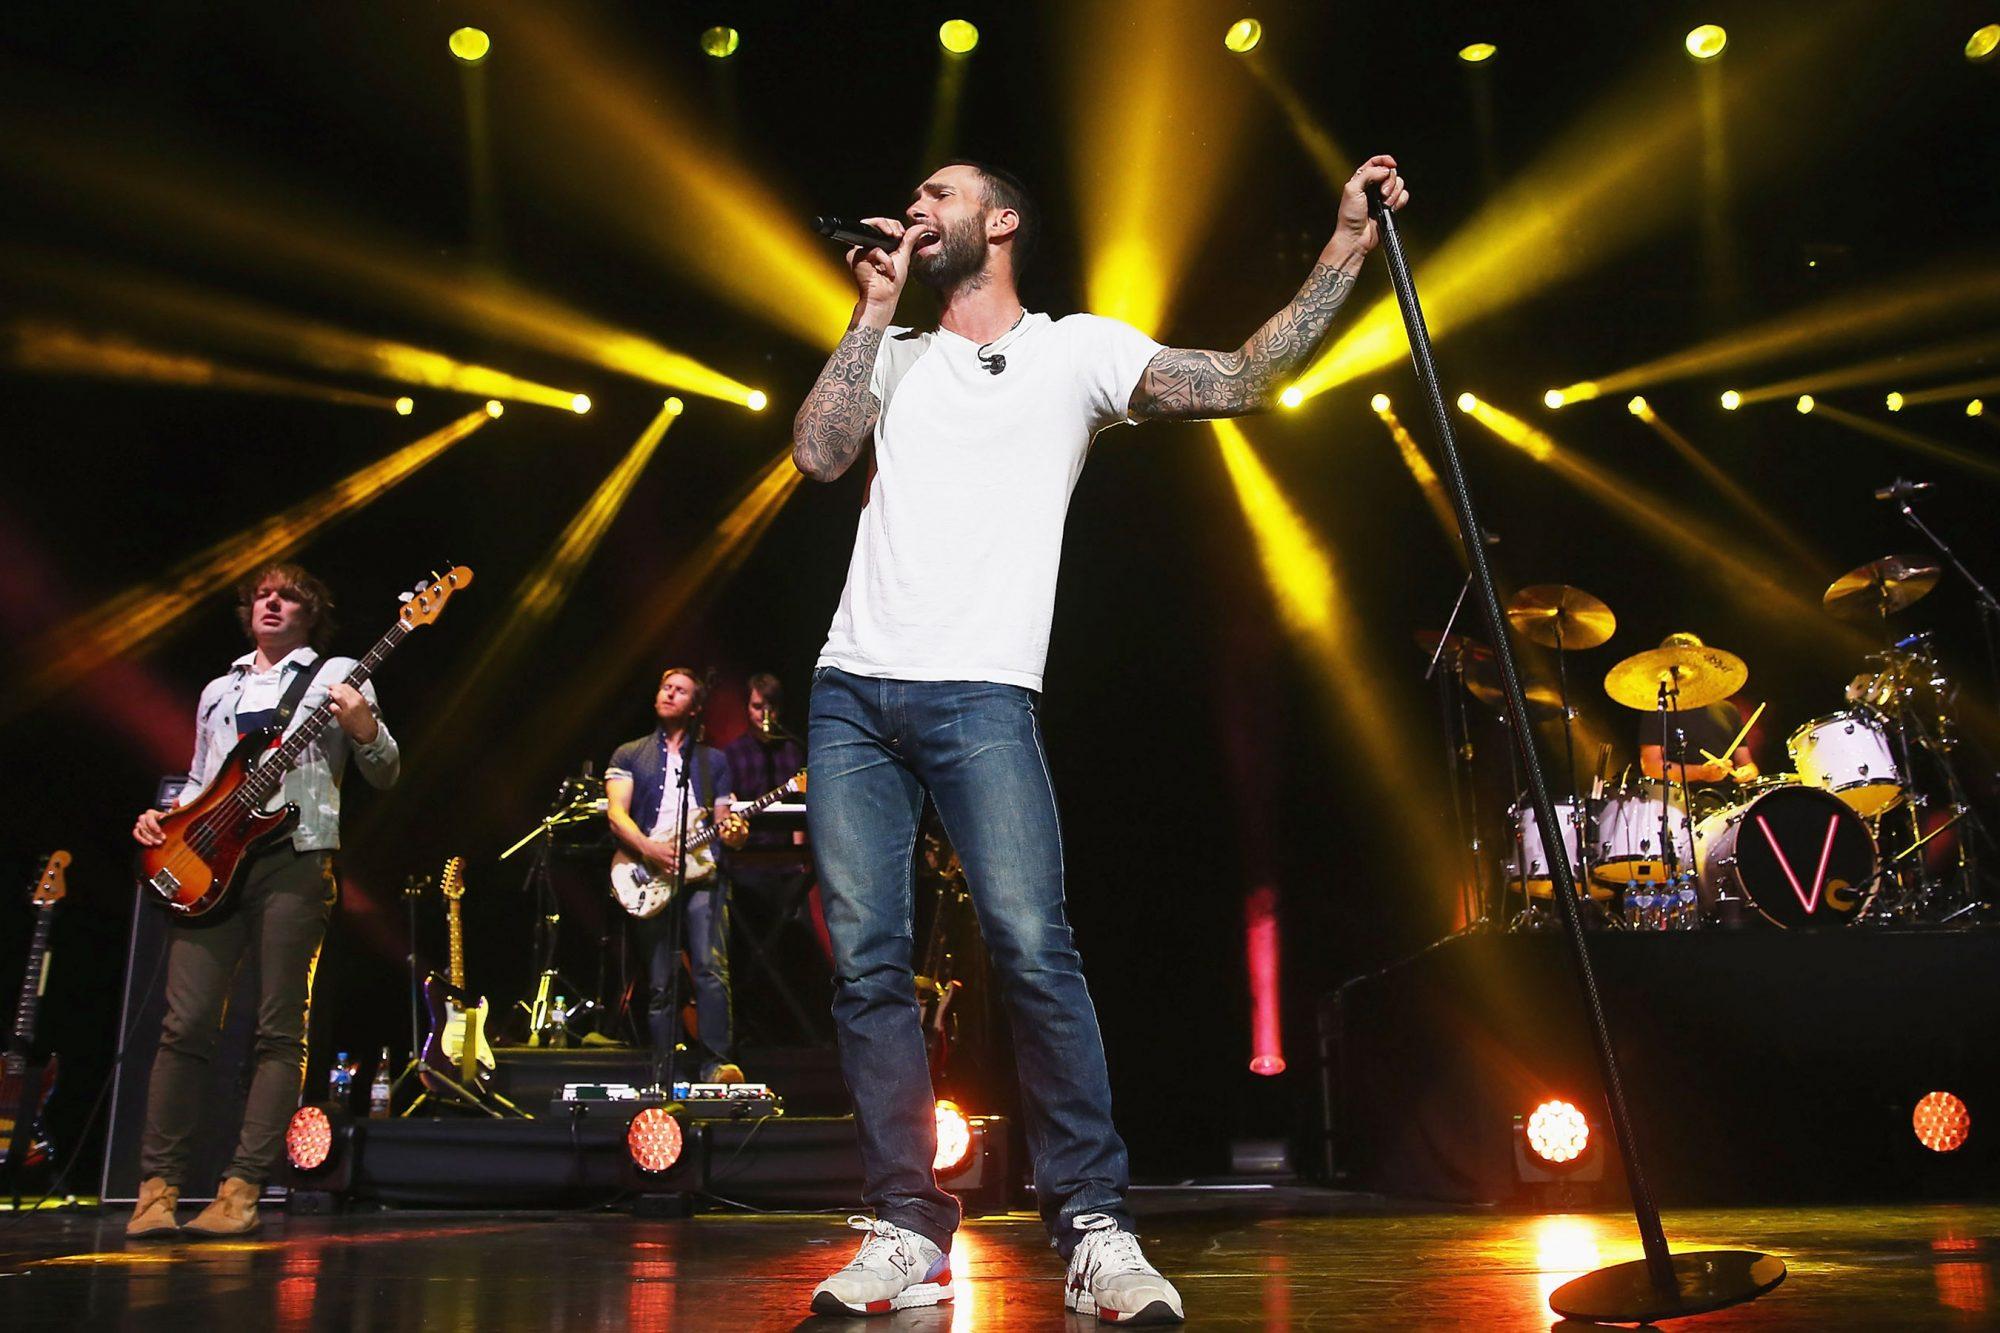 Maroon 5 Australian Tour - Sydney